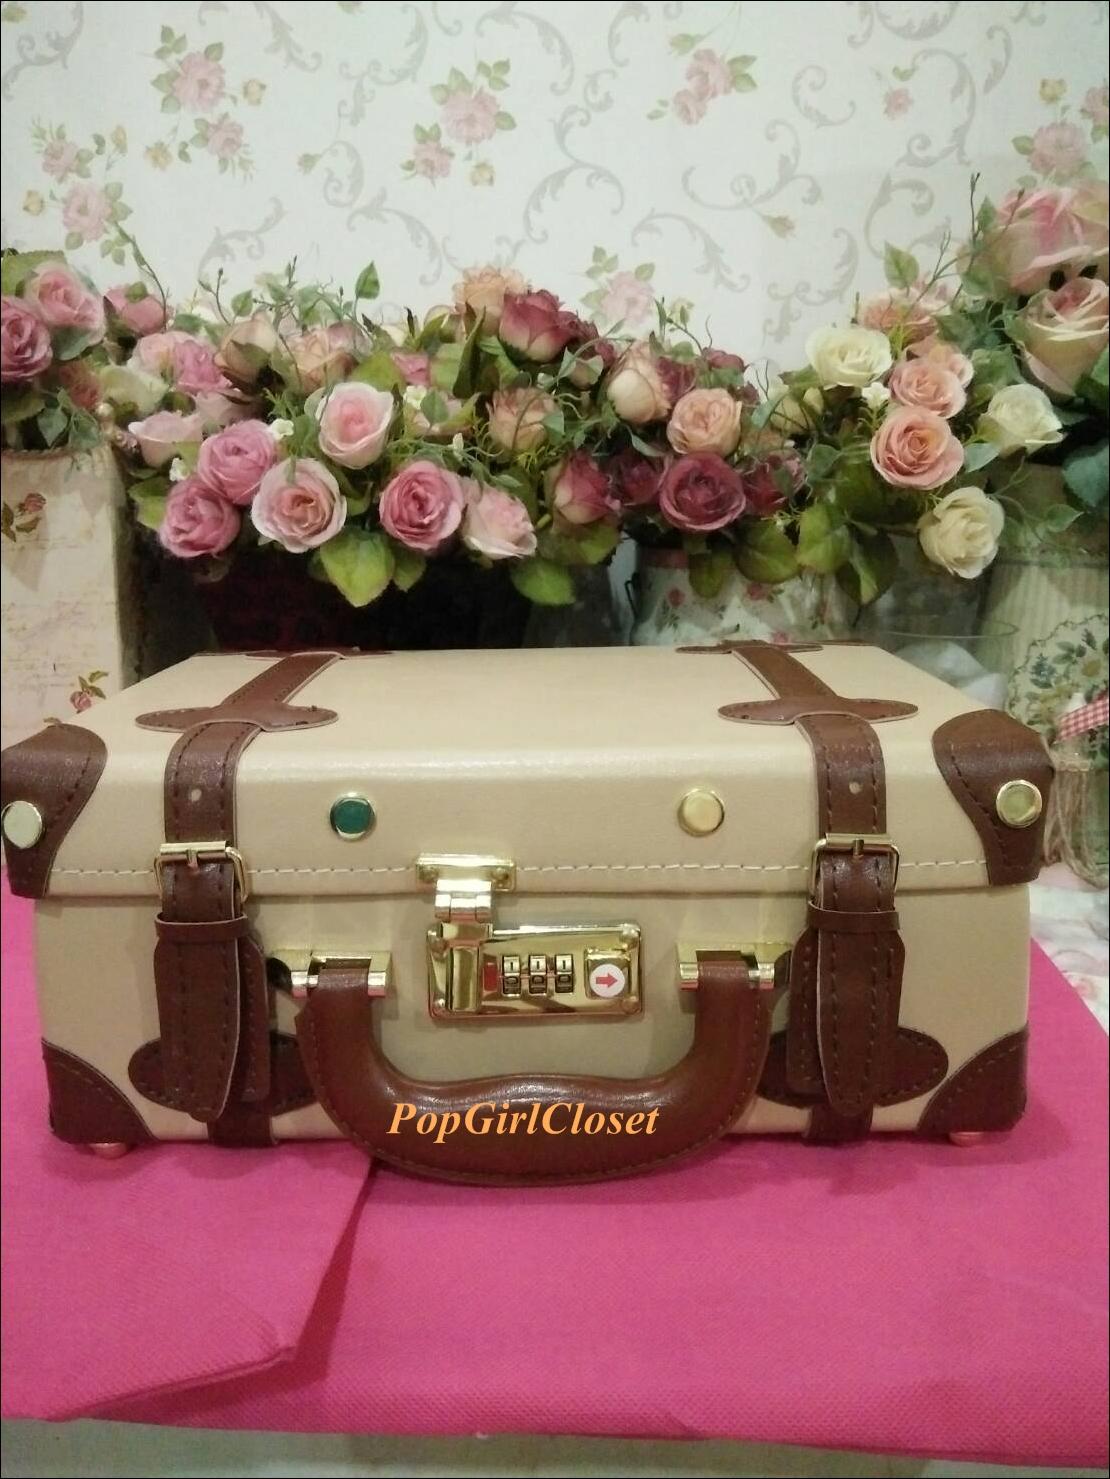 """กระเป๋าสะพายวินเทจสไตล์เกาหลี สีเบจคาดน้ำตาล ไซส์ 12"""" หรือ 14"""" Beige/Brown Beauty Bag Vintage Korea Style (Pre-order ราคาสินค้าอยู่ด้านใน)"""